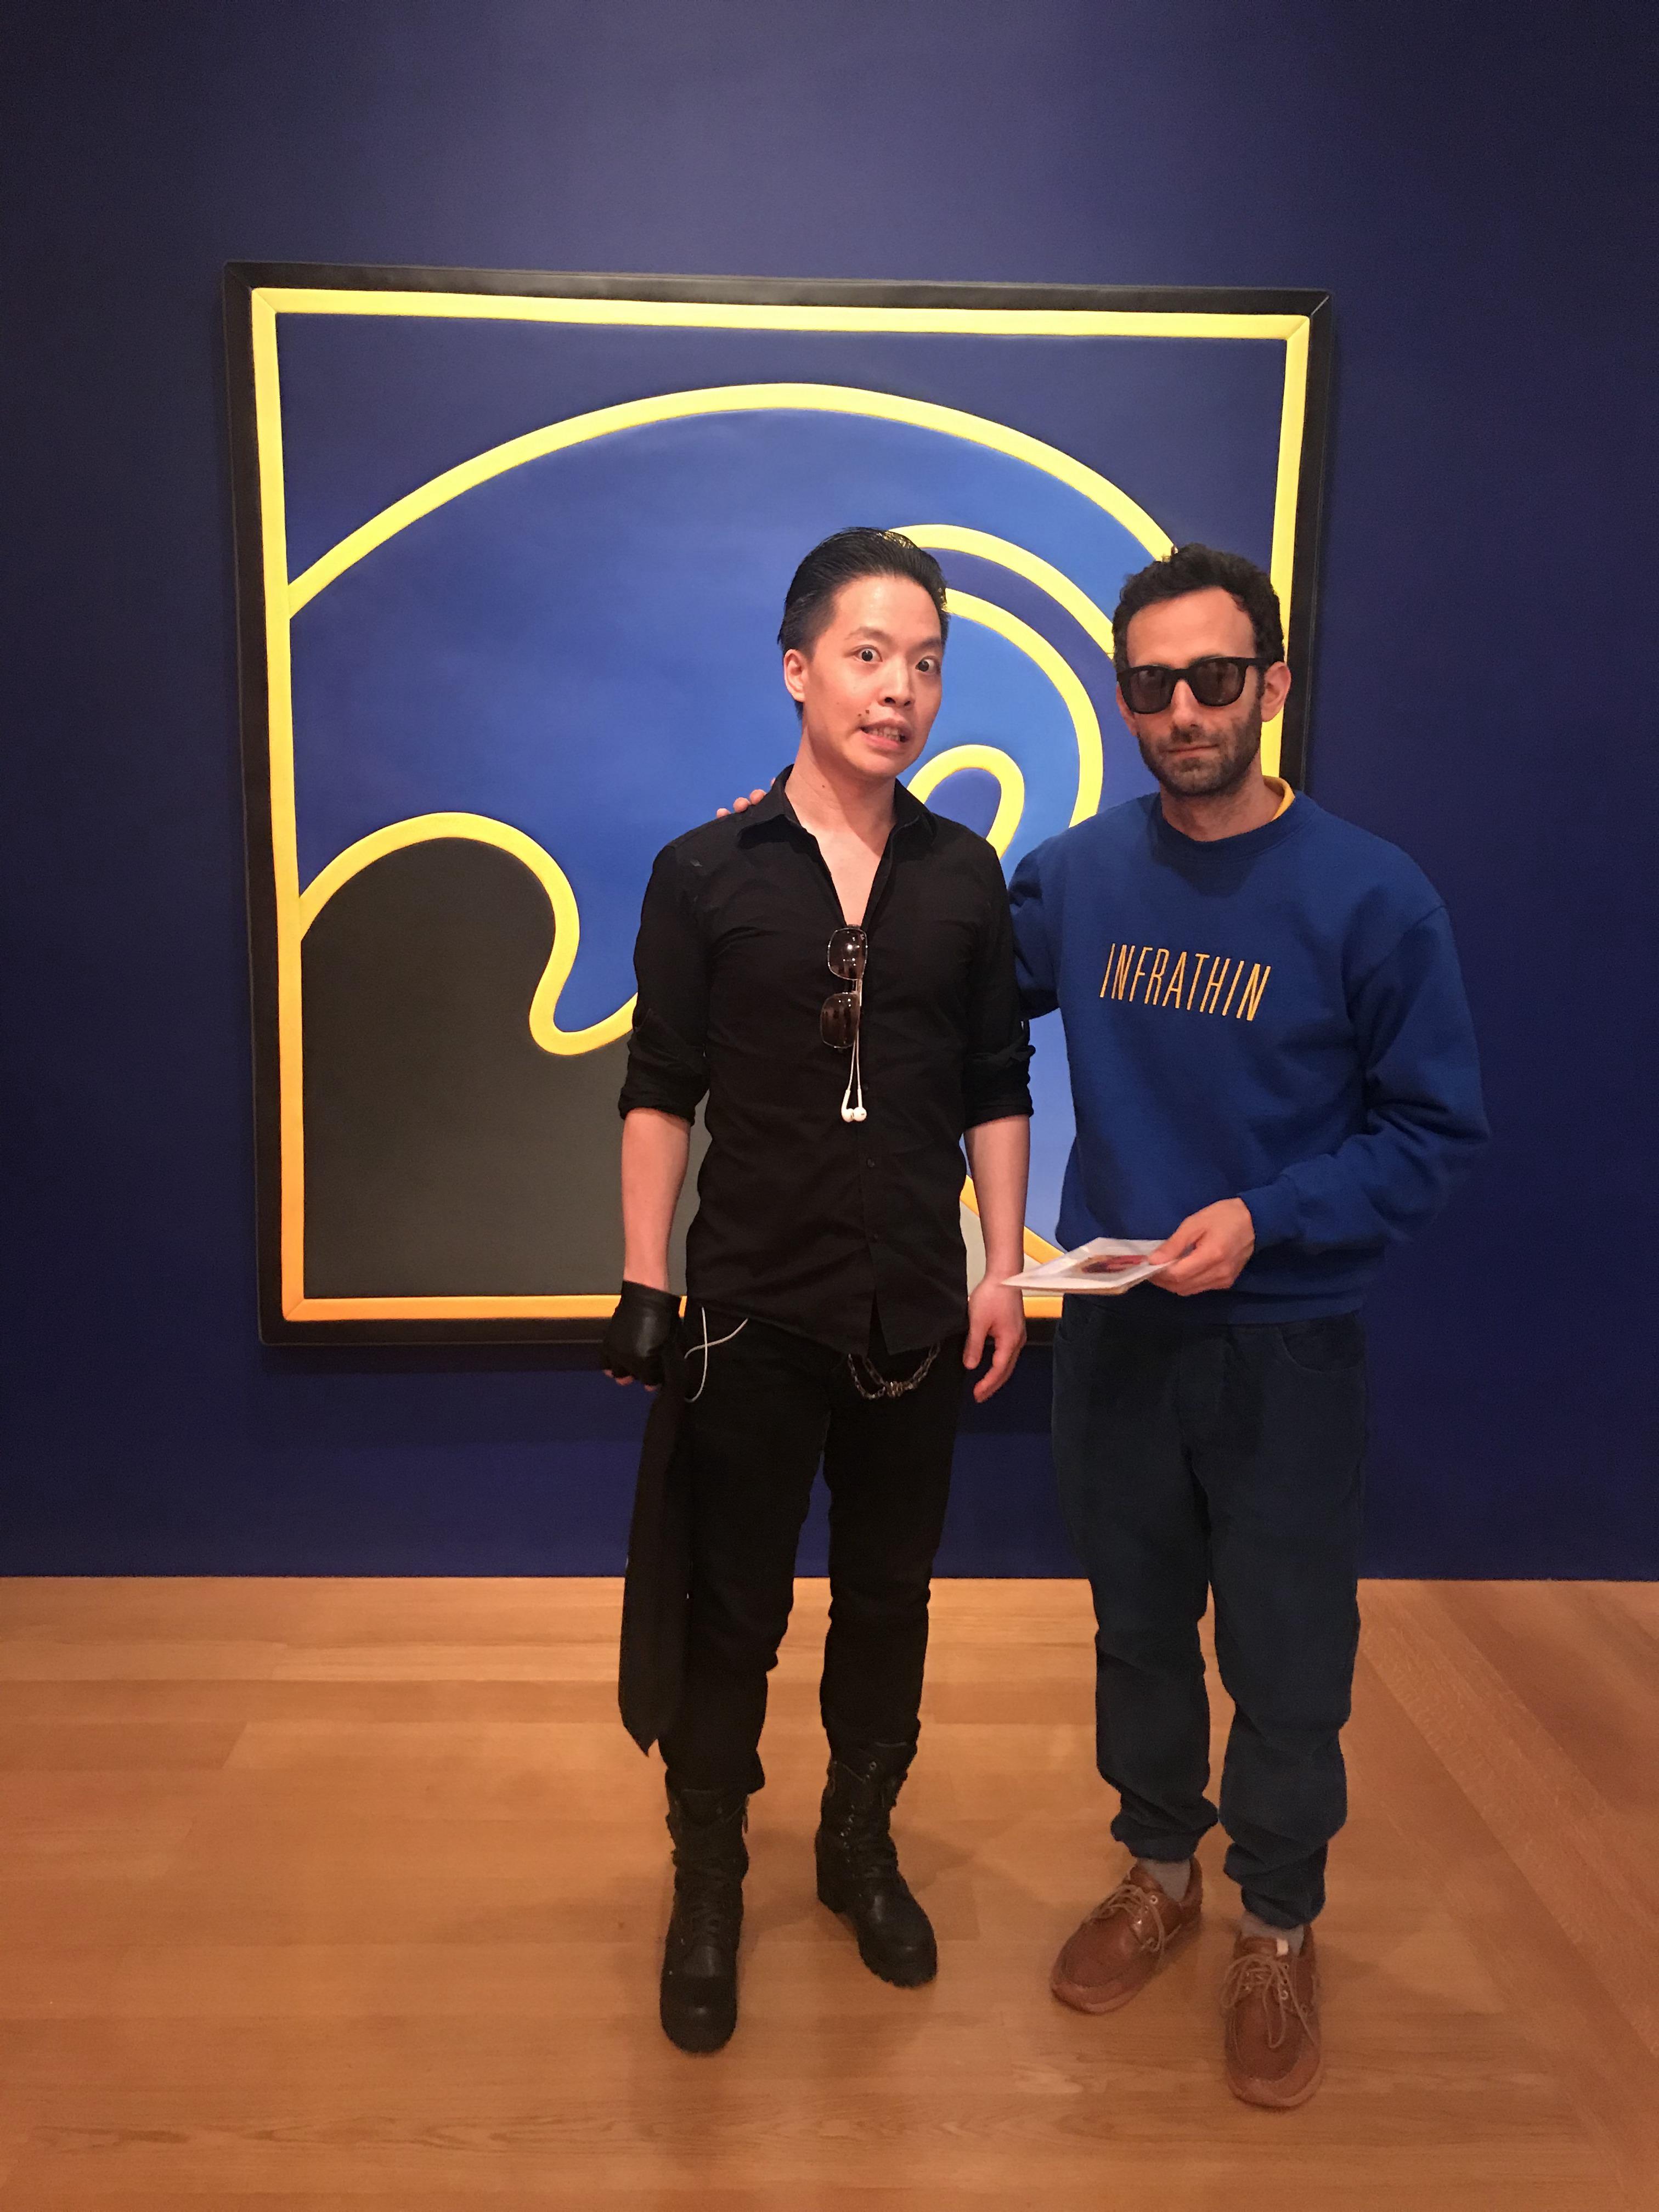 羅卓睿 Michael Andrew Law 與著名藝術家 Alex Israel(亞歷克斯·伊斯雷爾)